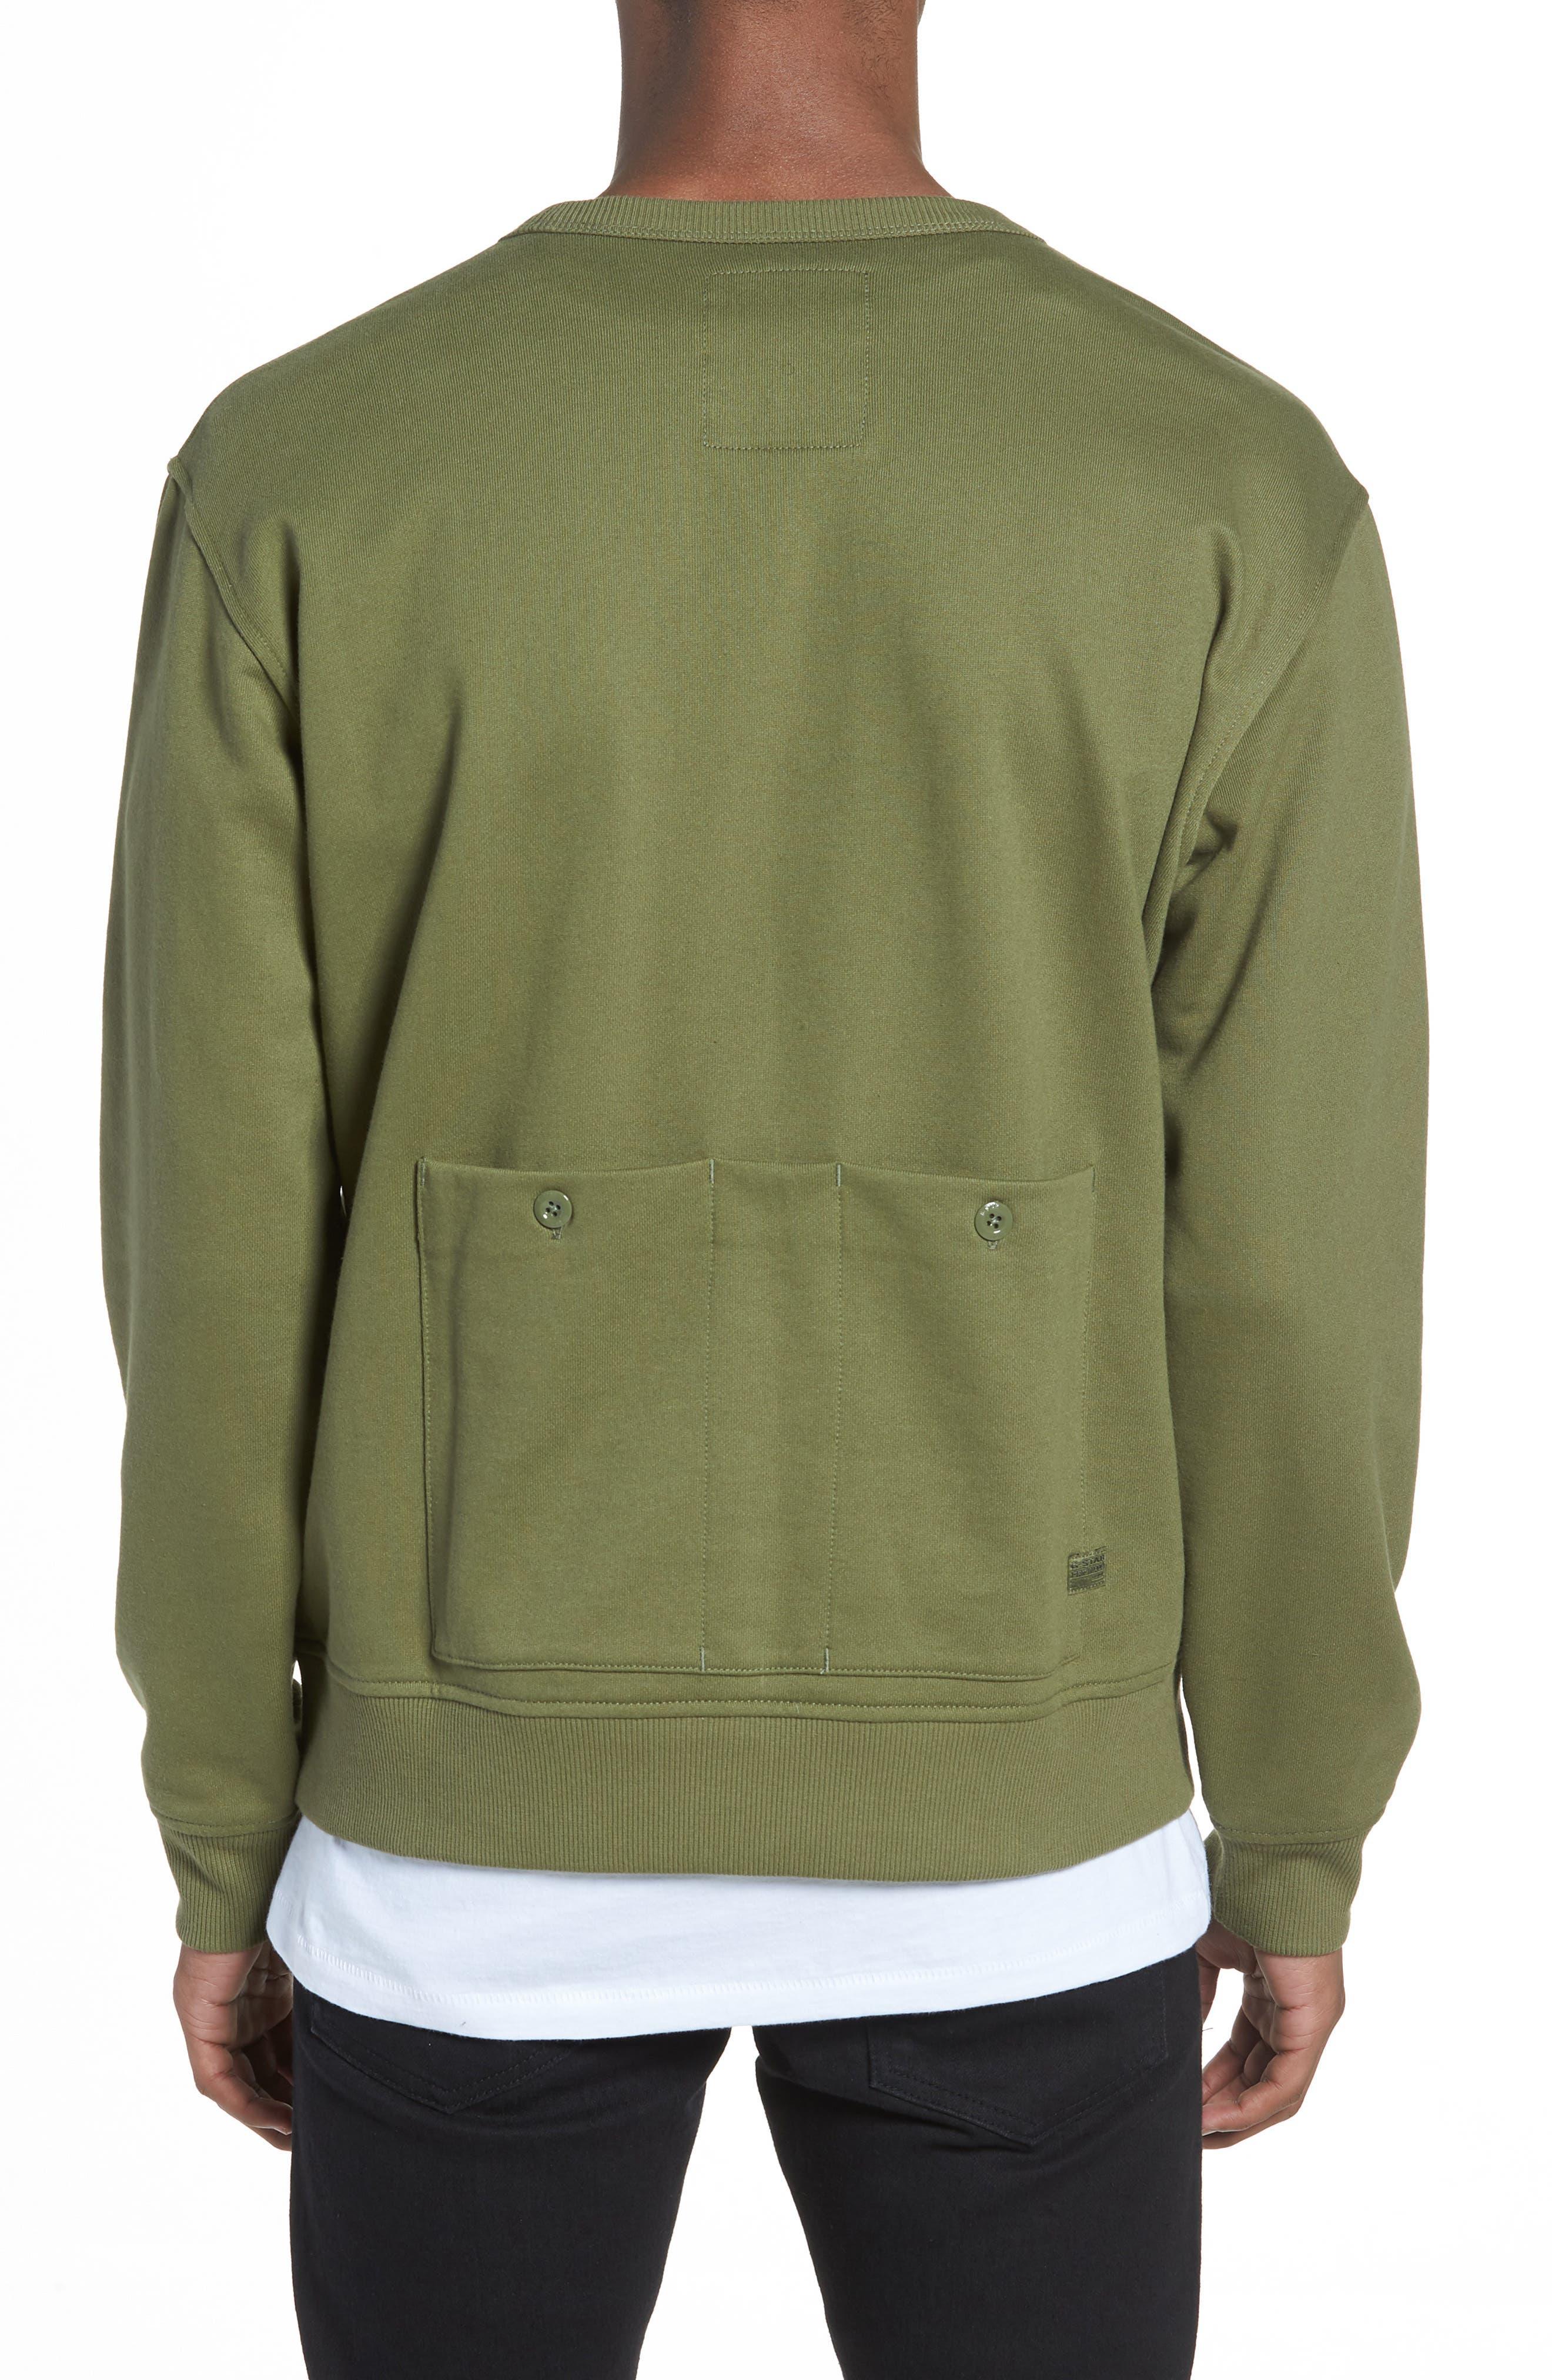 Core Hybrid Archive Sweatshirt,                             Alternate thumbnail 2, color,                             Sage